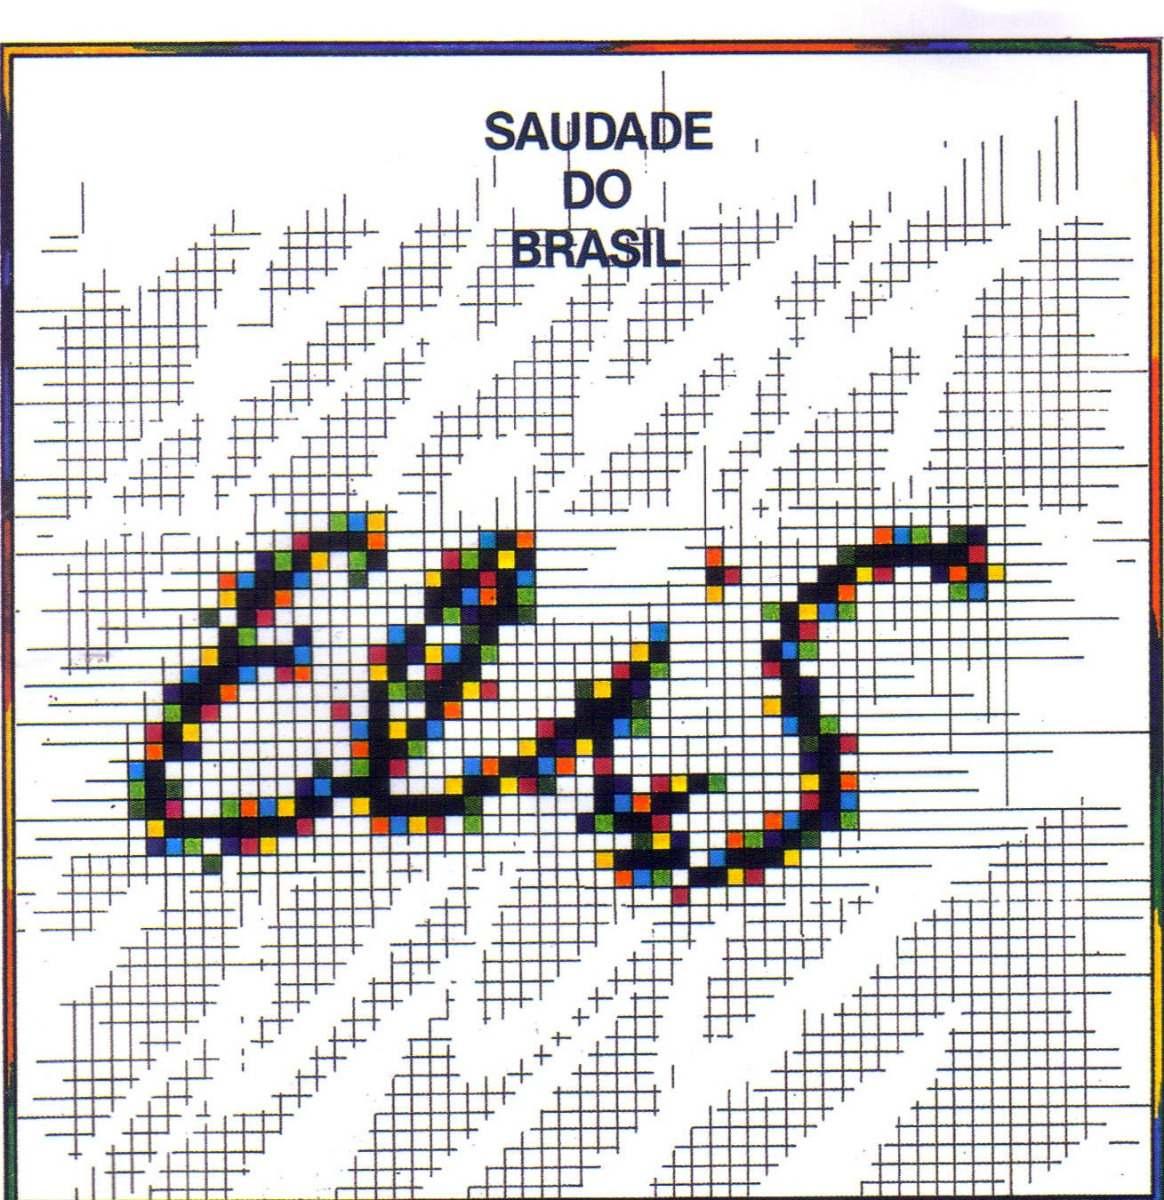 """Projeto """"Resgate Musical de Millennials FCBR"""" - Arranjos Nacionais anos 80 - Página 2 Cd-elis-regina-saudade-do-brasil-D_NQ_NP_14235-MLB200939248_4074-F"""